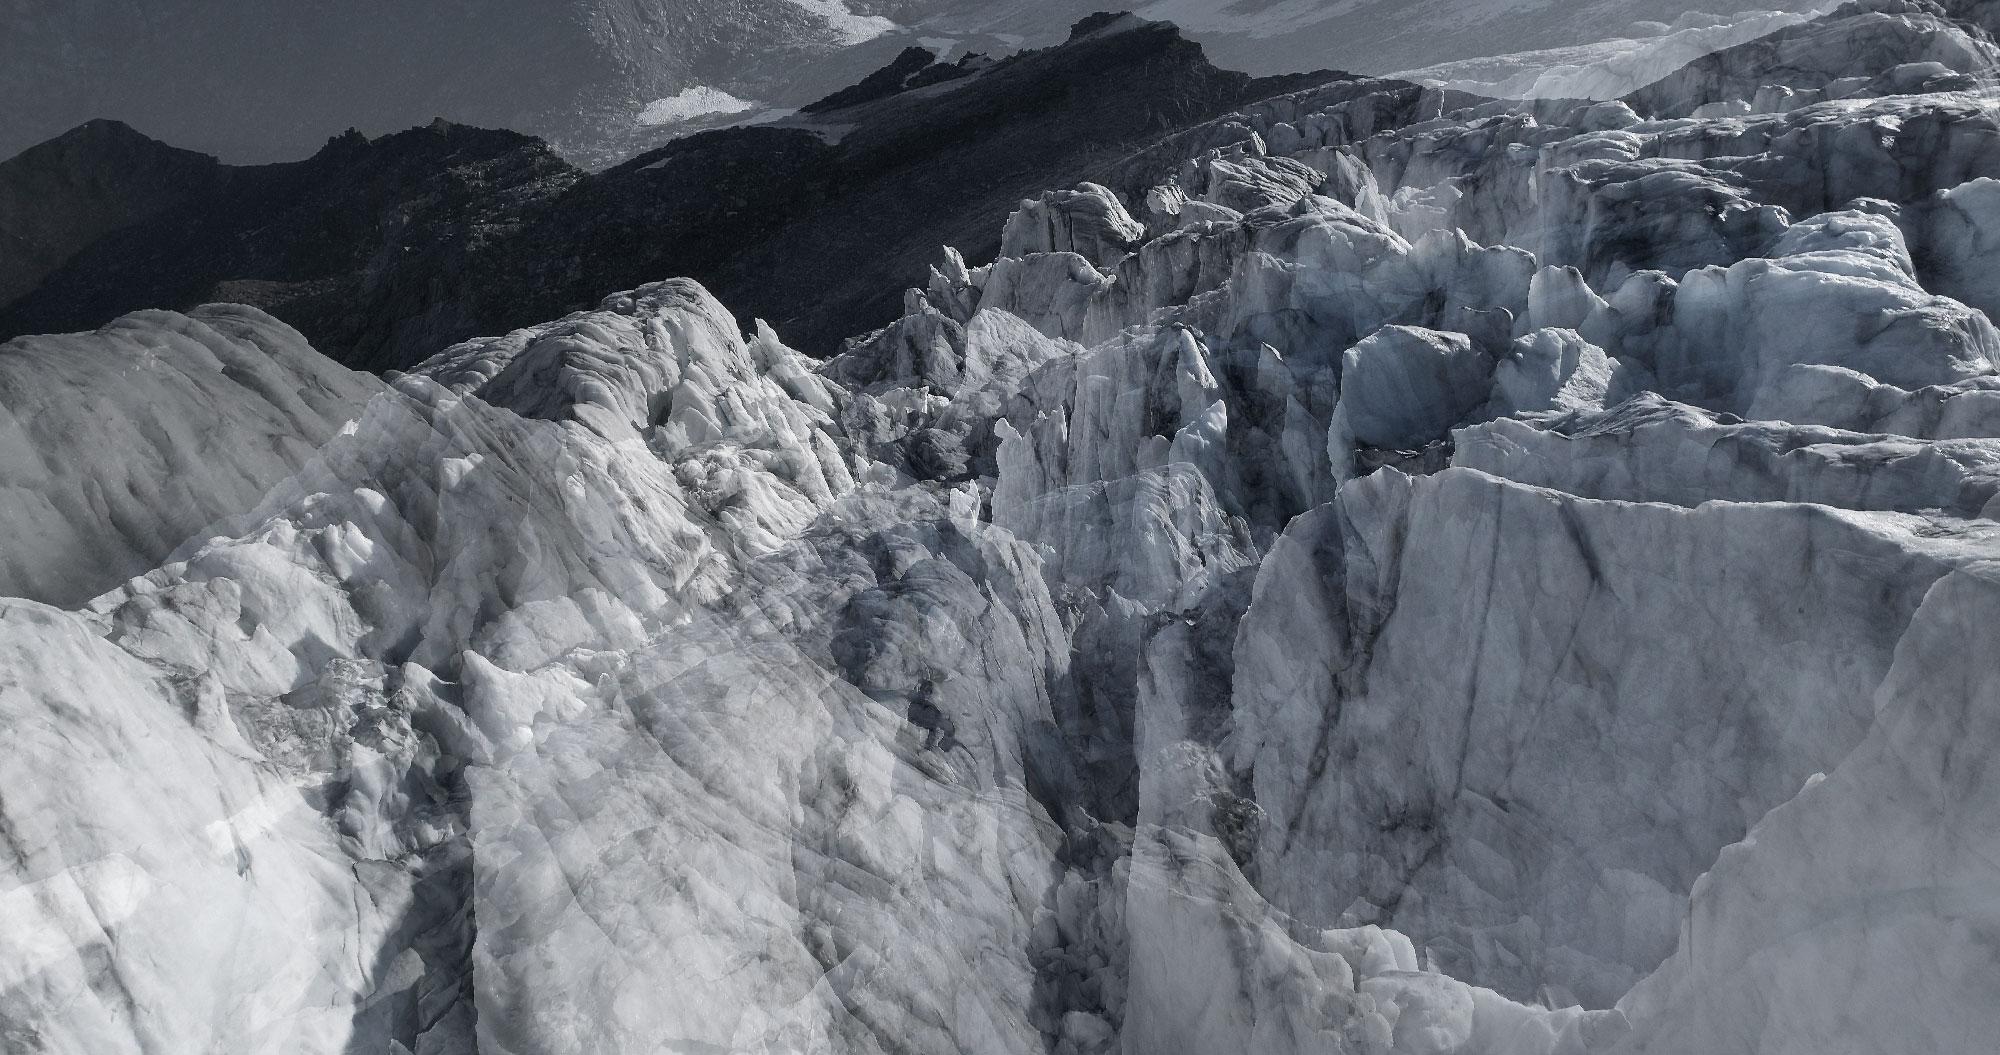 #134 Glaciers offset, 2017, photographie reconstruite à partir de bandes videos, réalisées sur le glacier de Moiry  #134 Glaciers offset, 2017, photographie reconstruite à partir de bandes videos, réalisées sur le glacier de Moiry